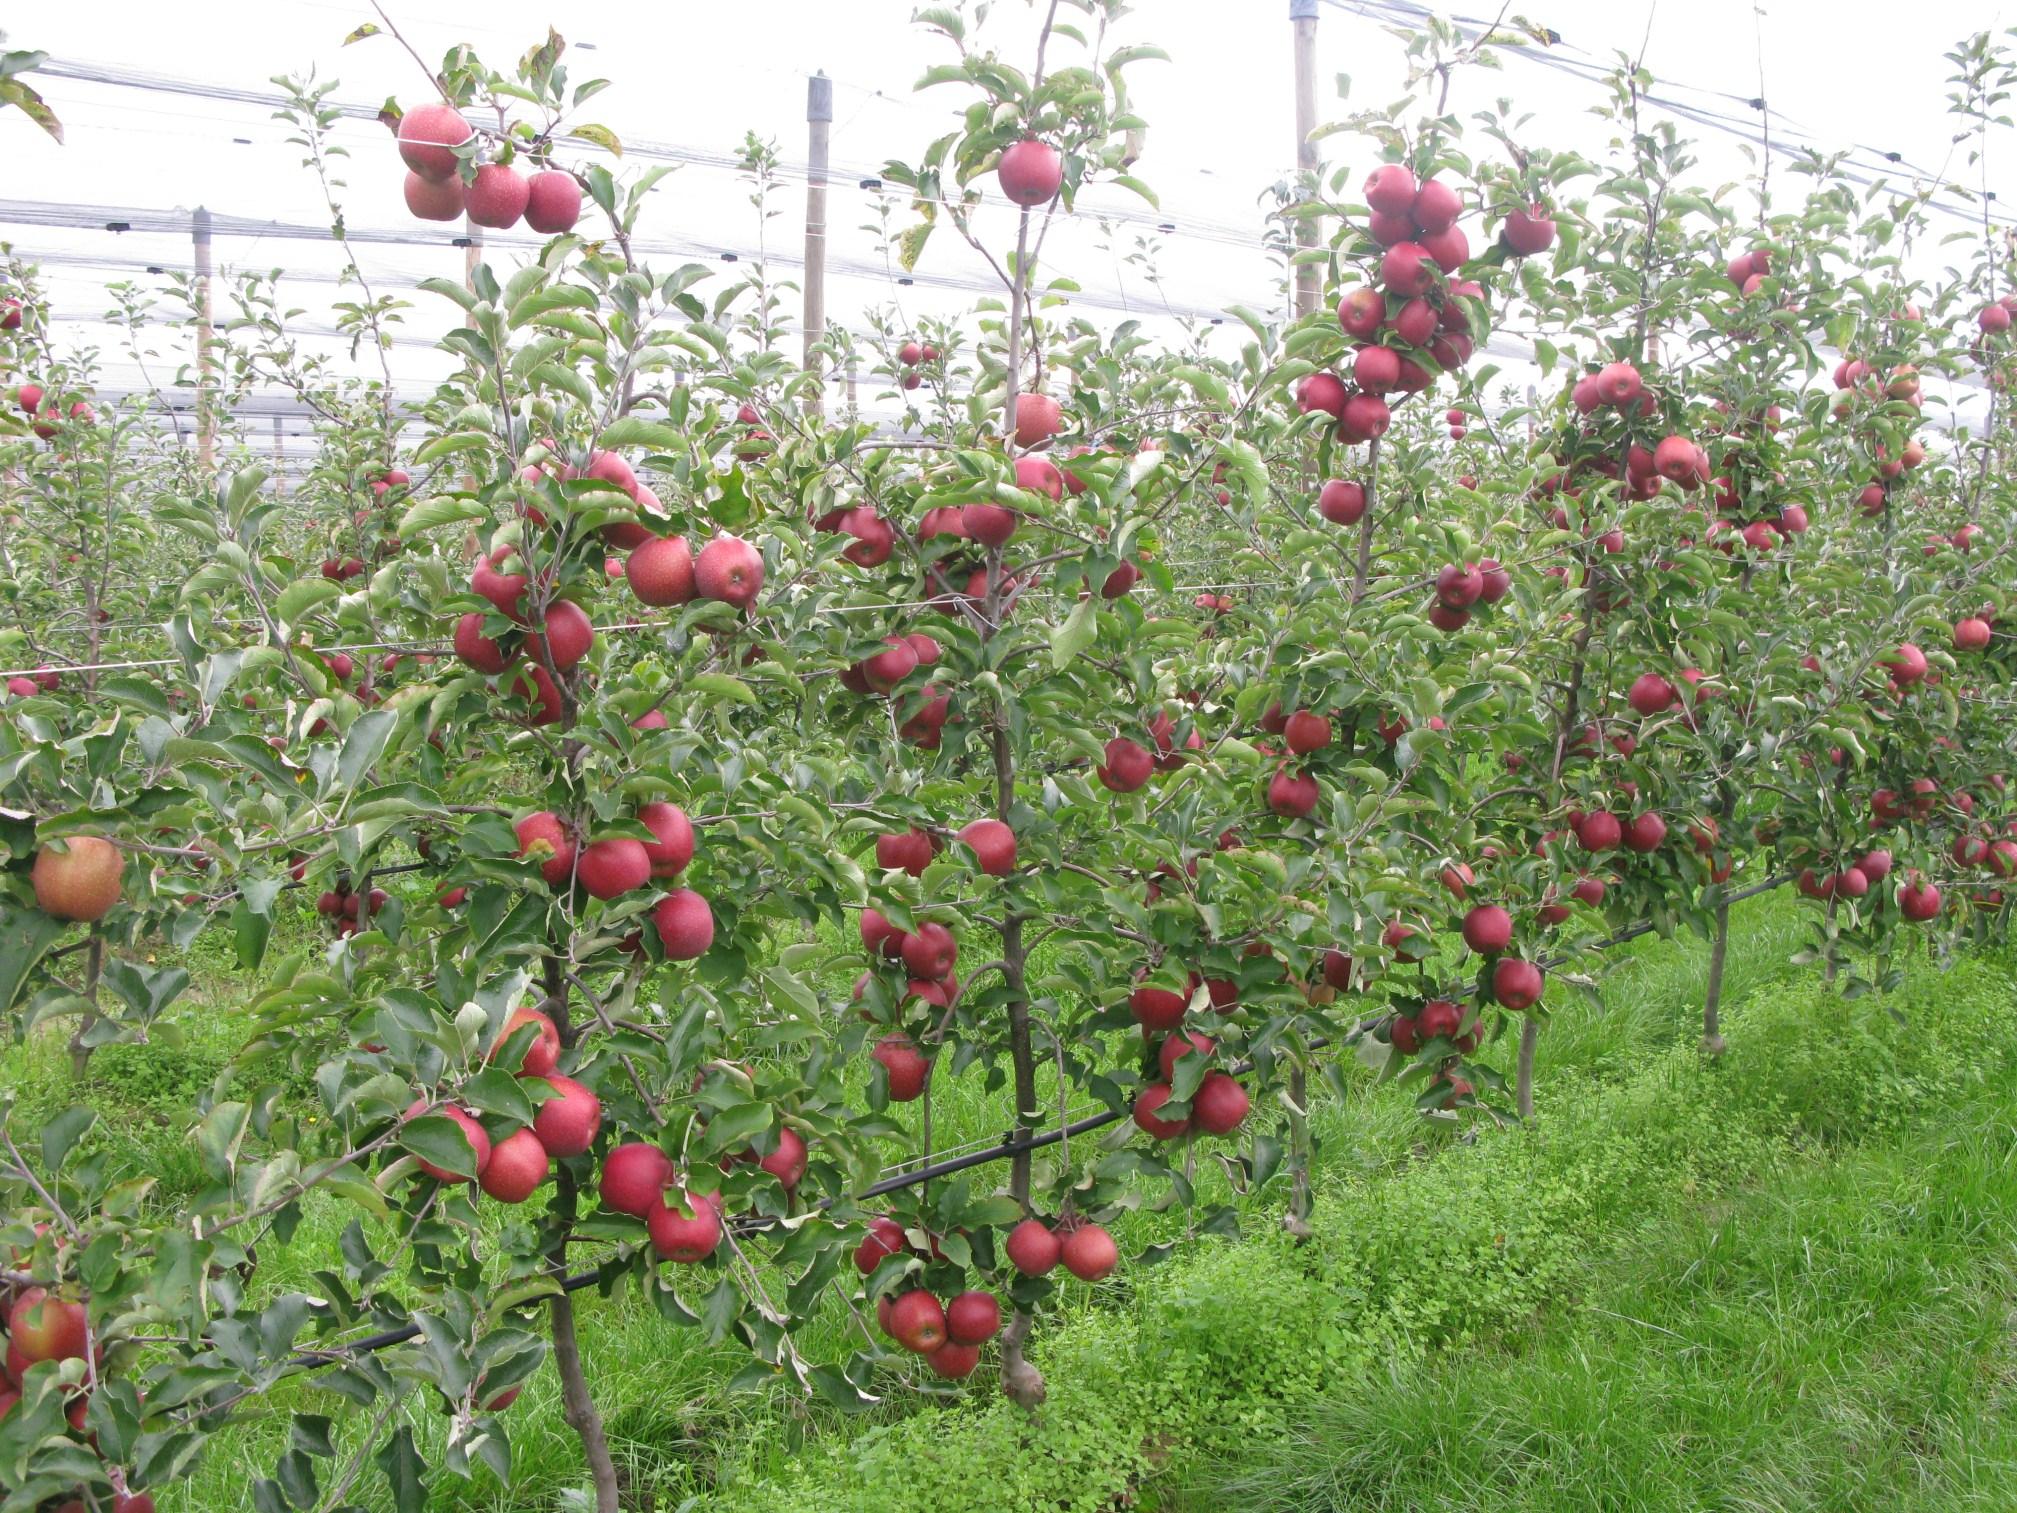 Zabavna biologija - botanika i zoologija: Eko proizvodnja jabuka i voća Jug